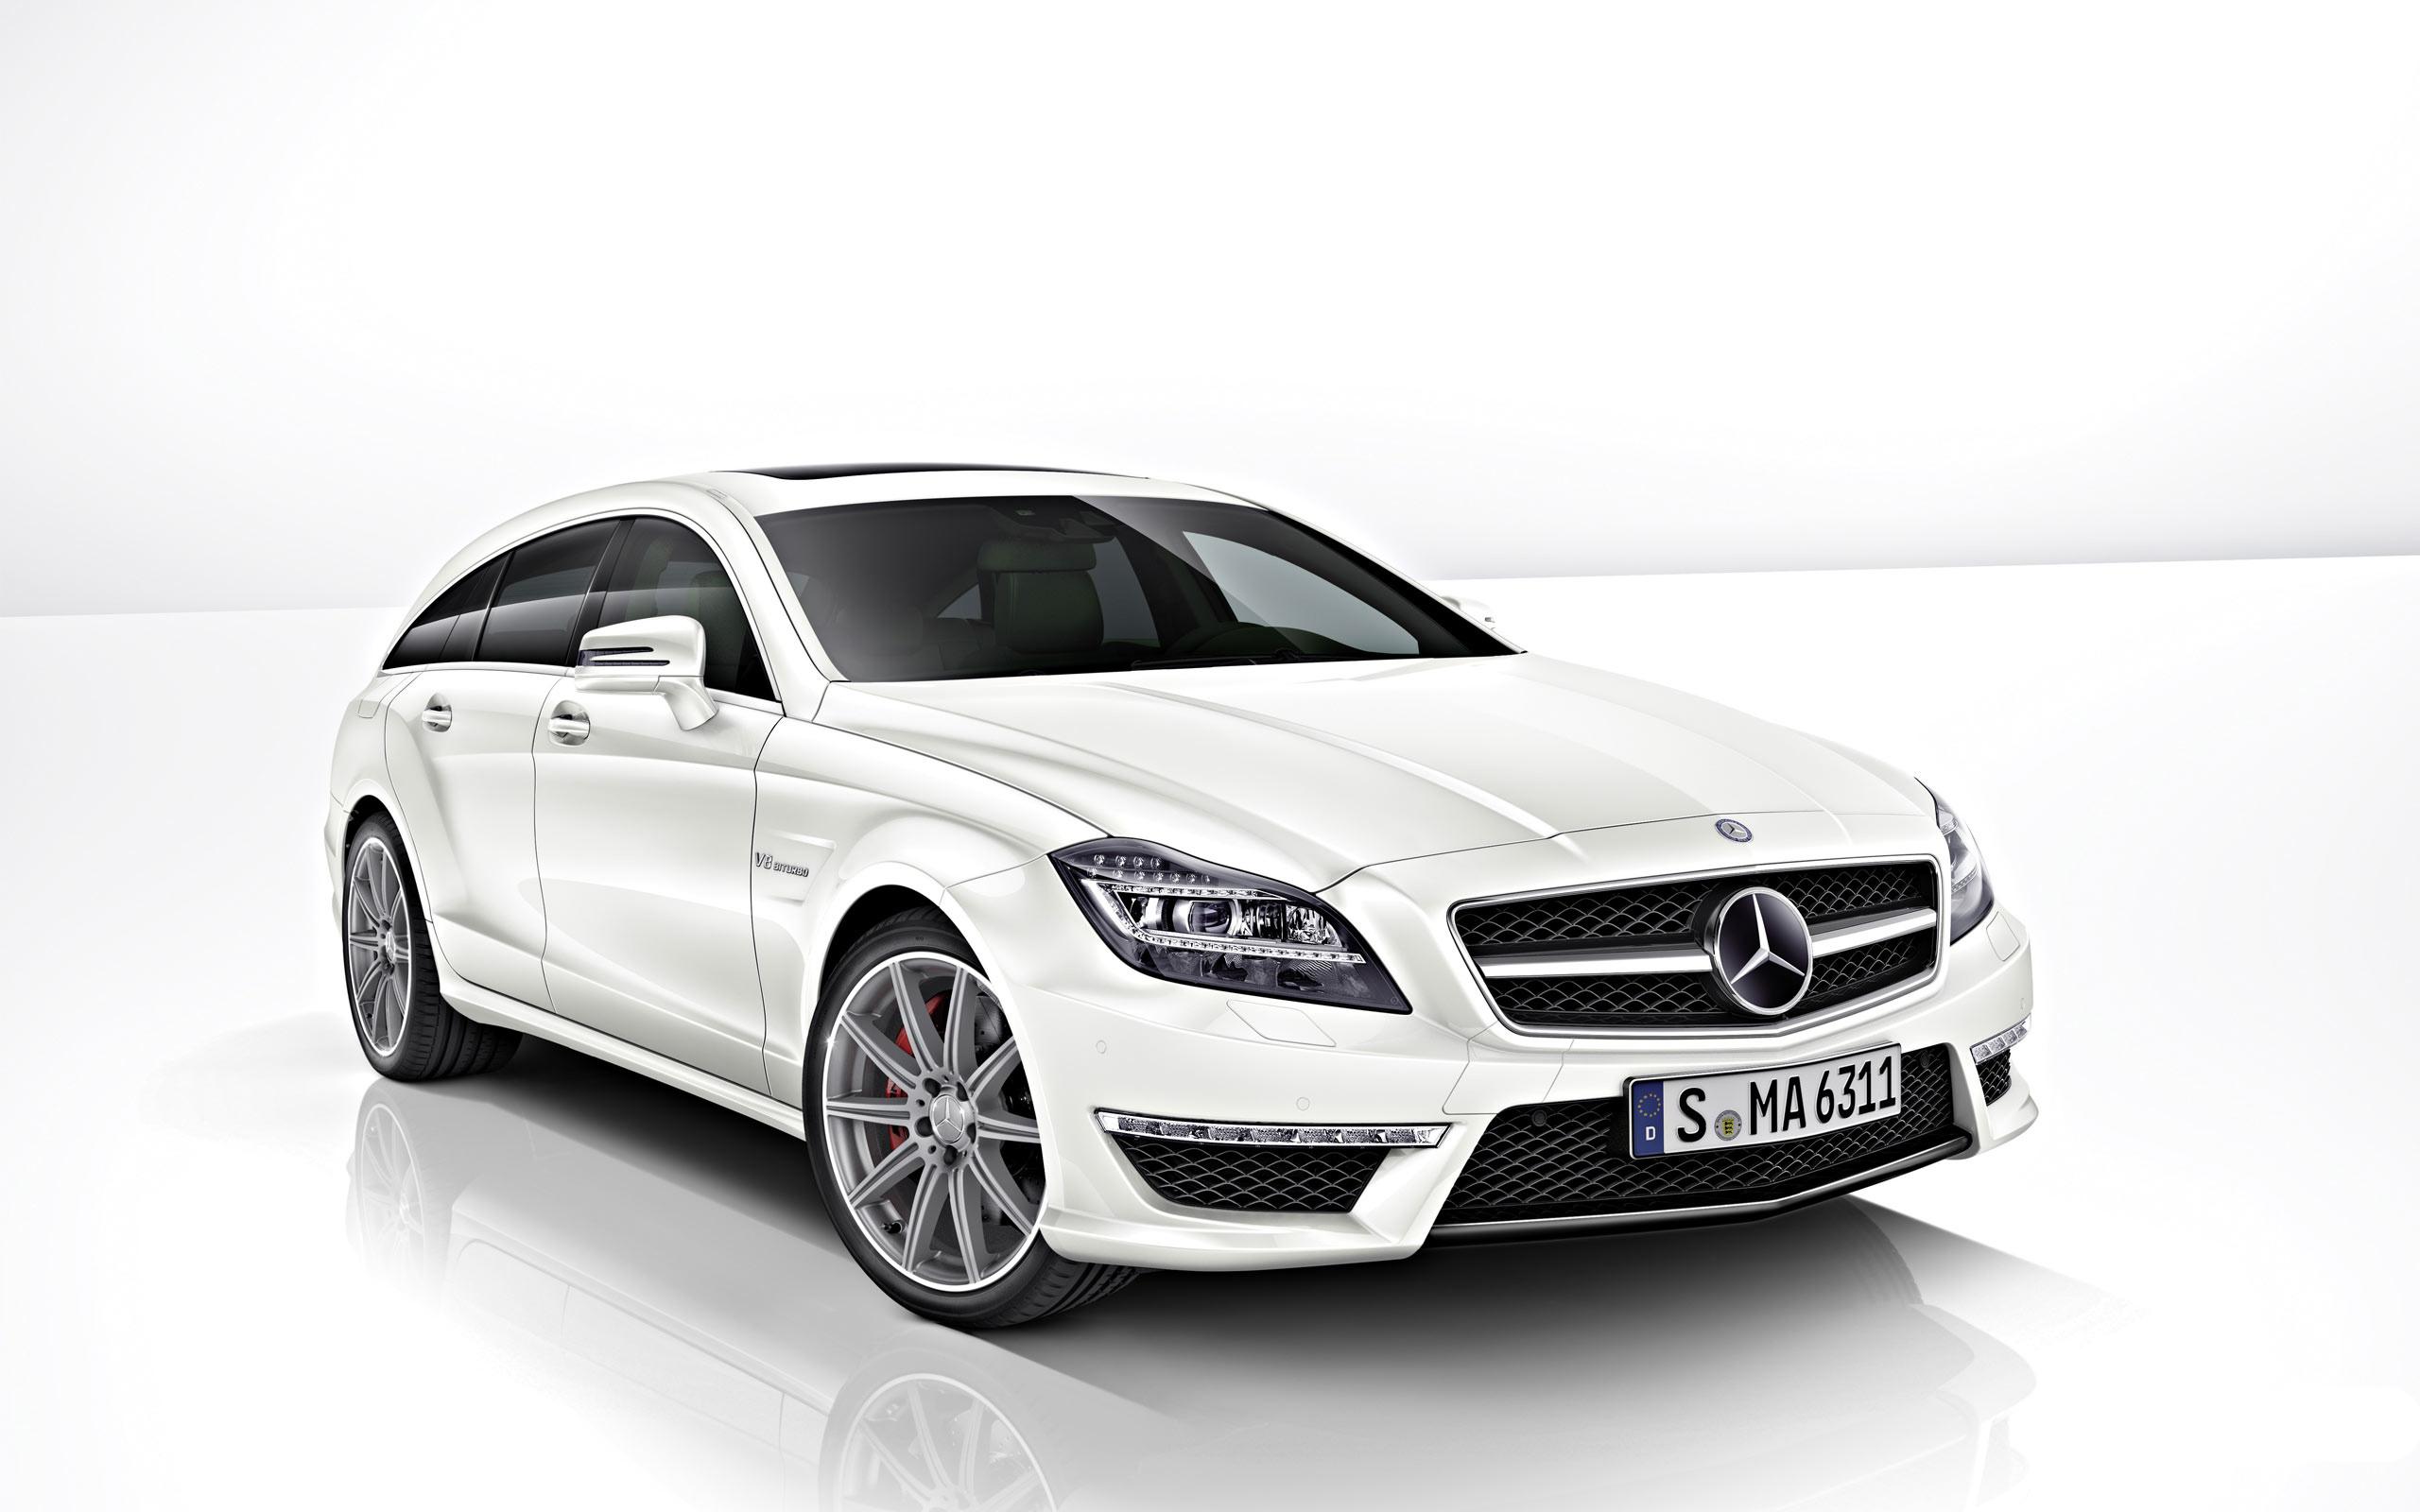 2014 Mercedes Benz CLS 63 AMG Wallpaper | HD Car ...